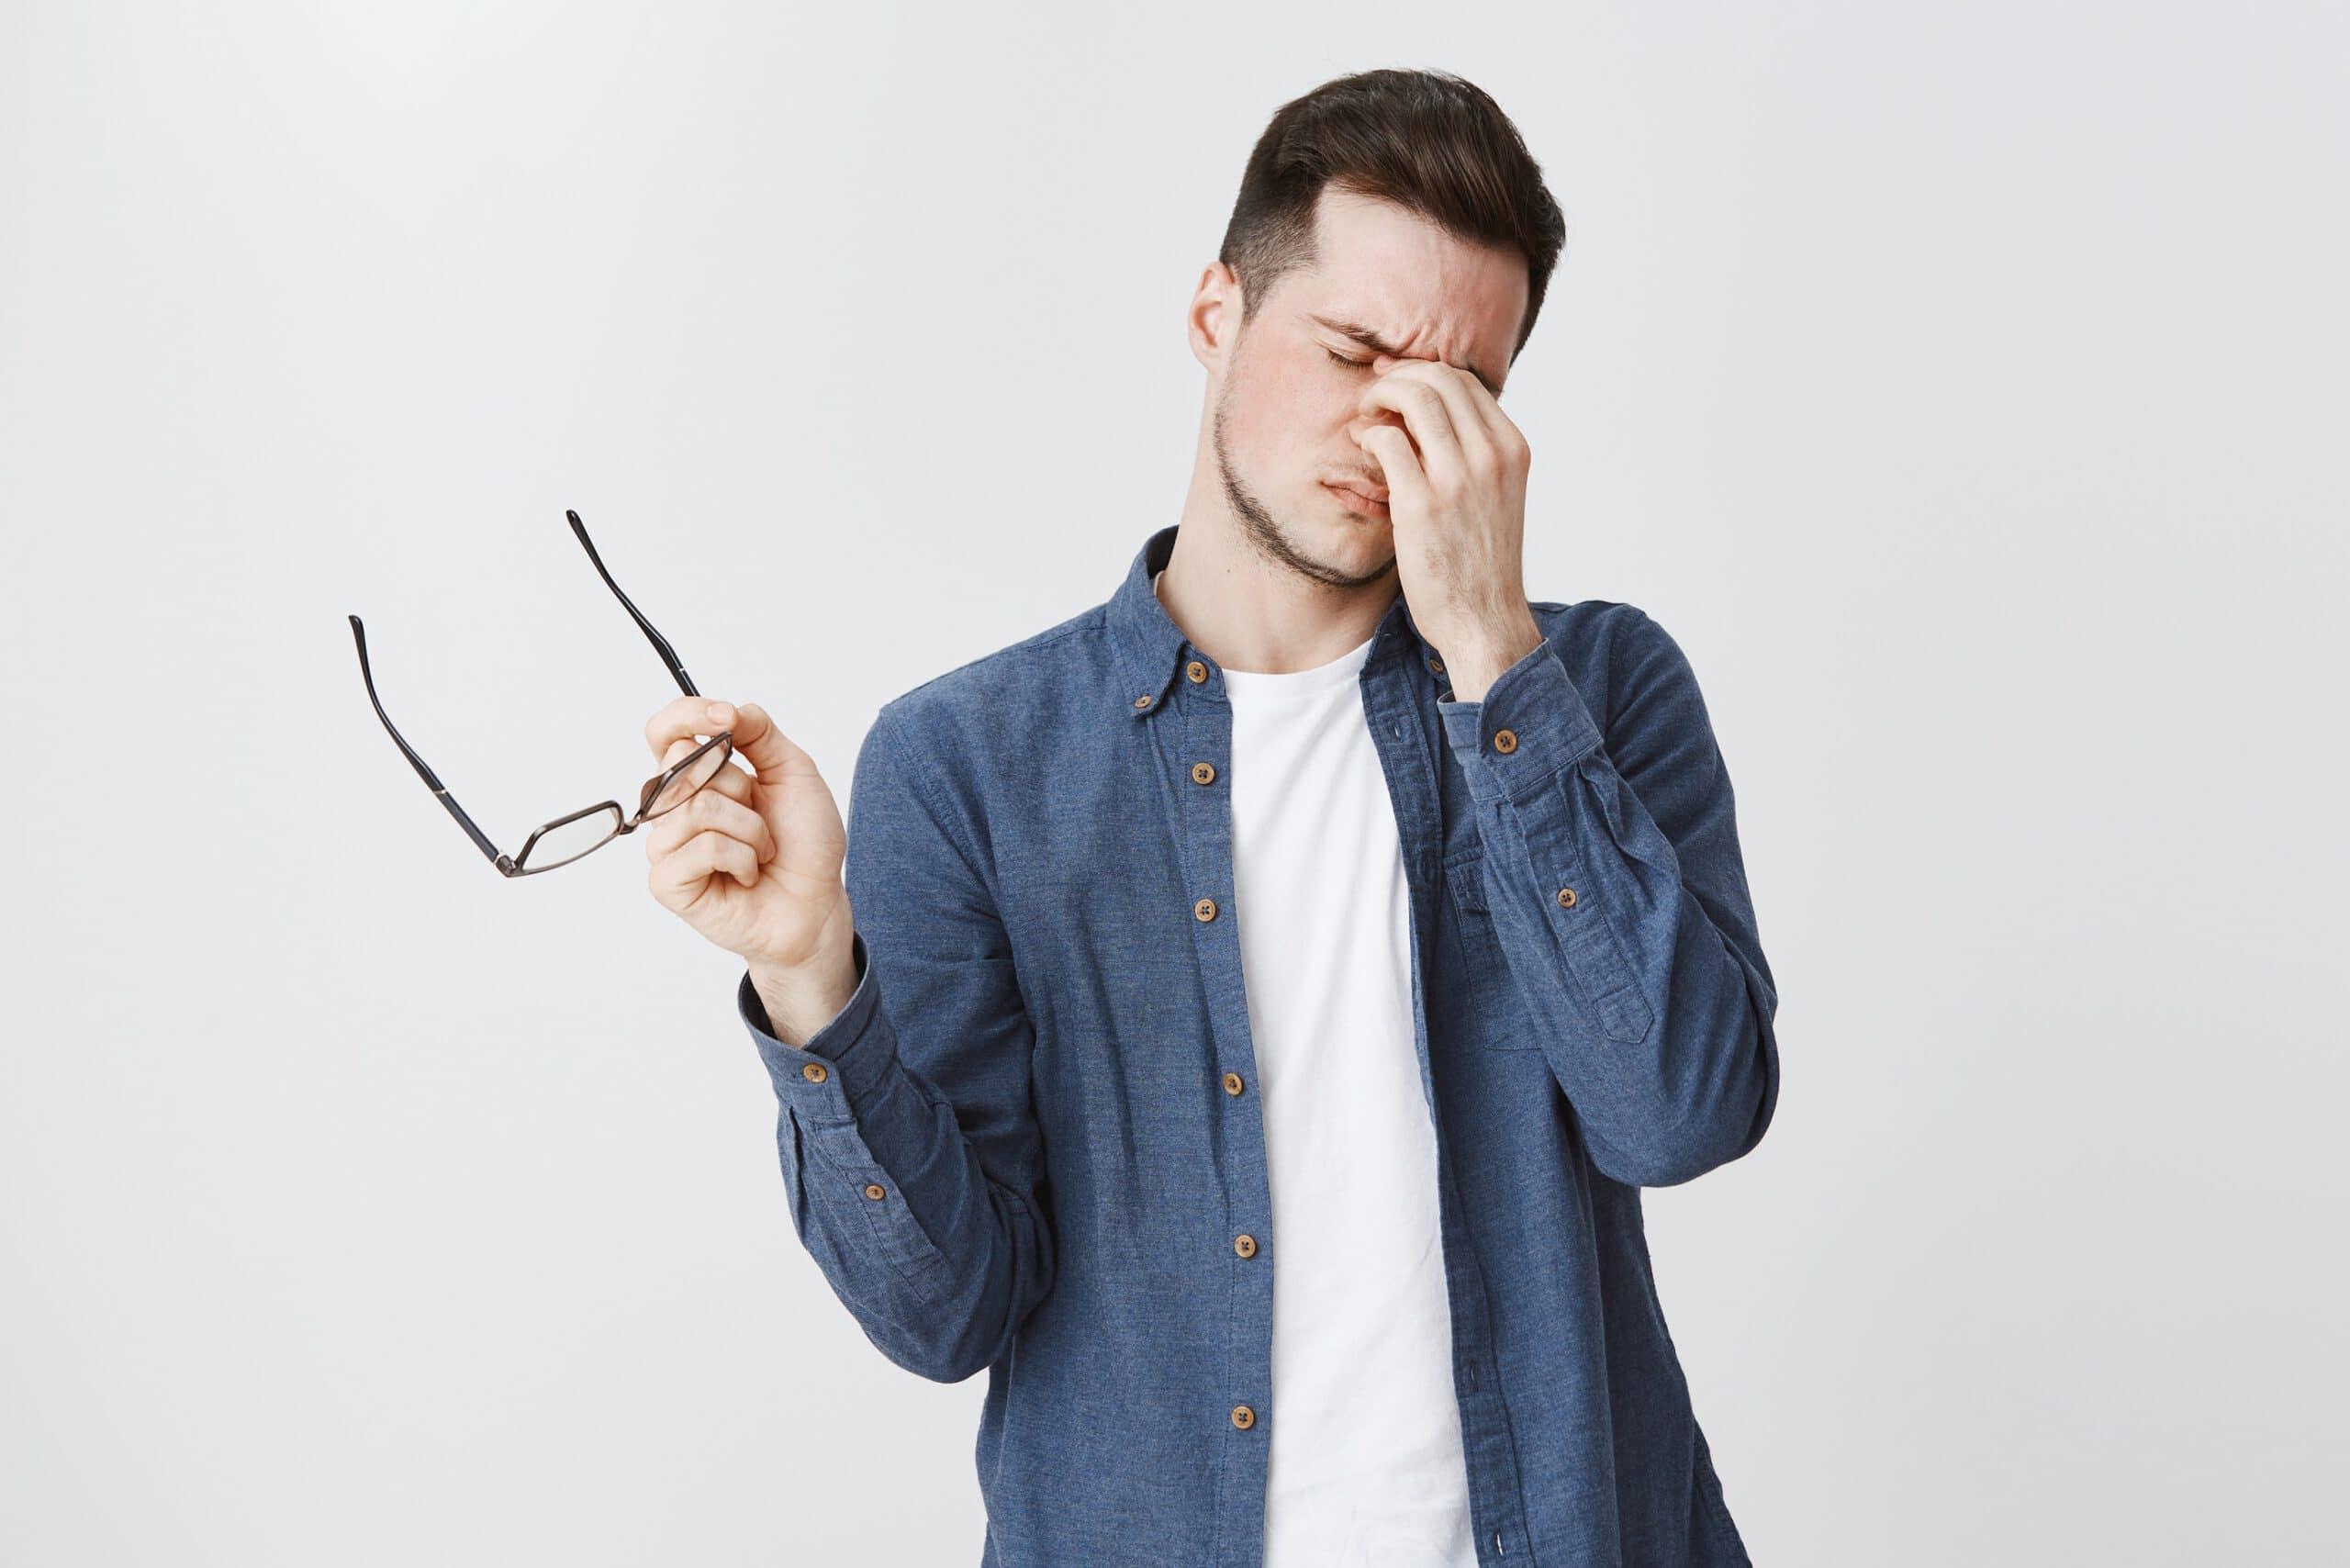 Ciśnienie w oku – norma. Jakie są objawy podwyższonego ciśnienia w oku?